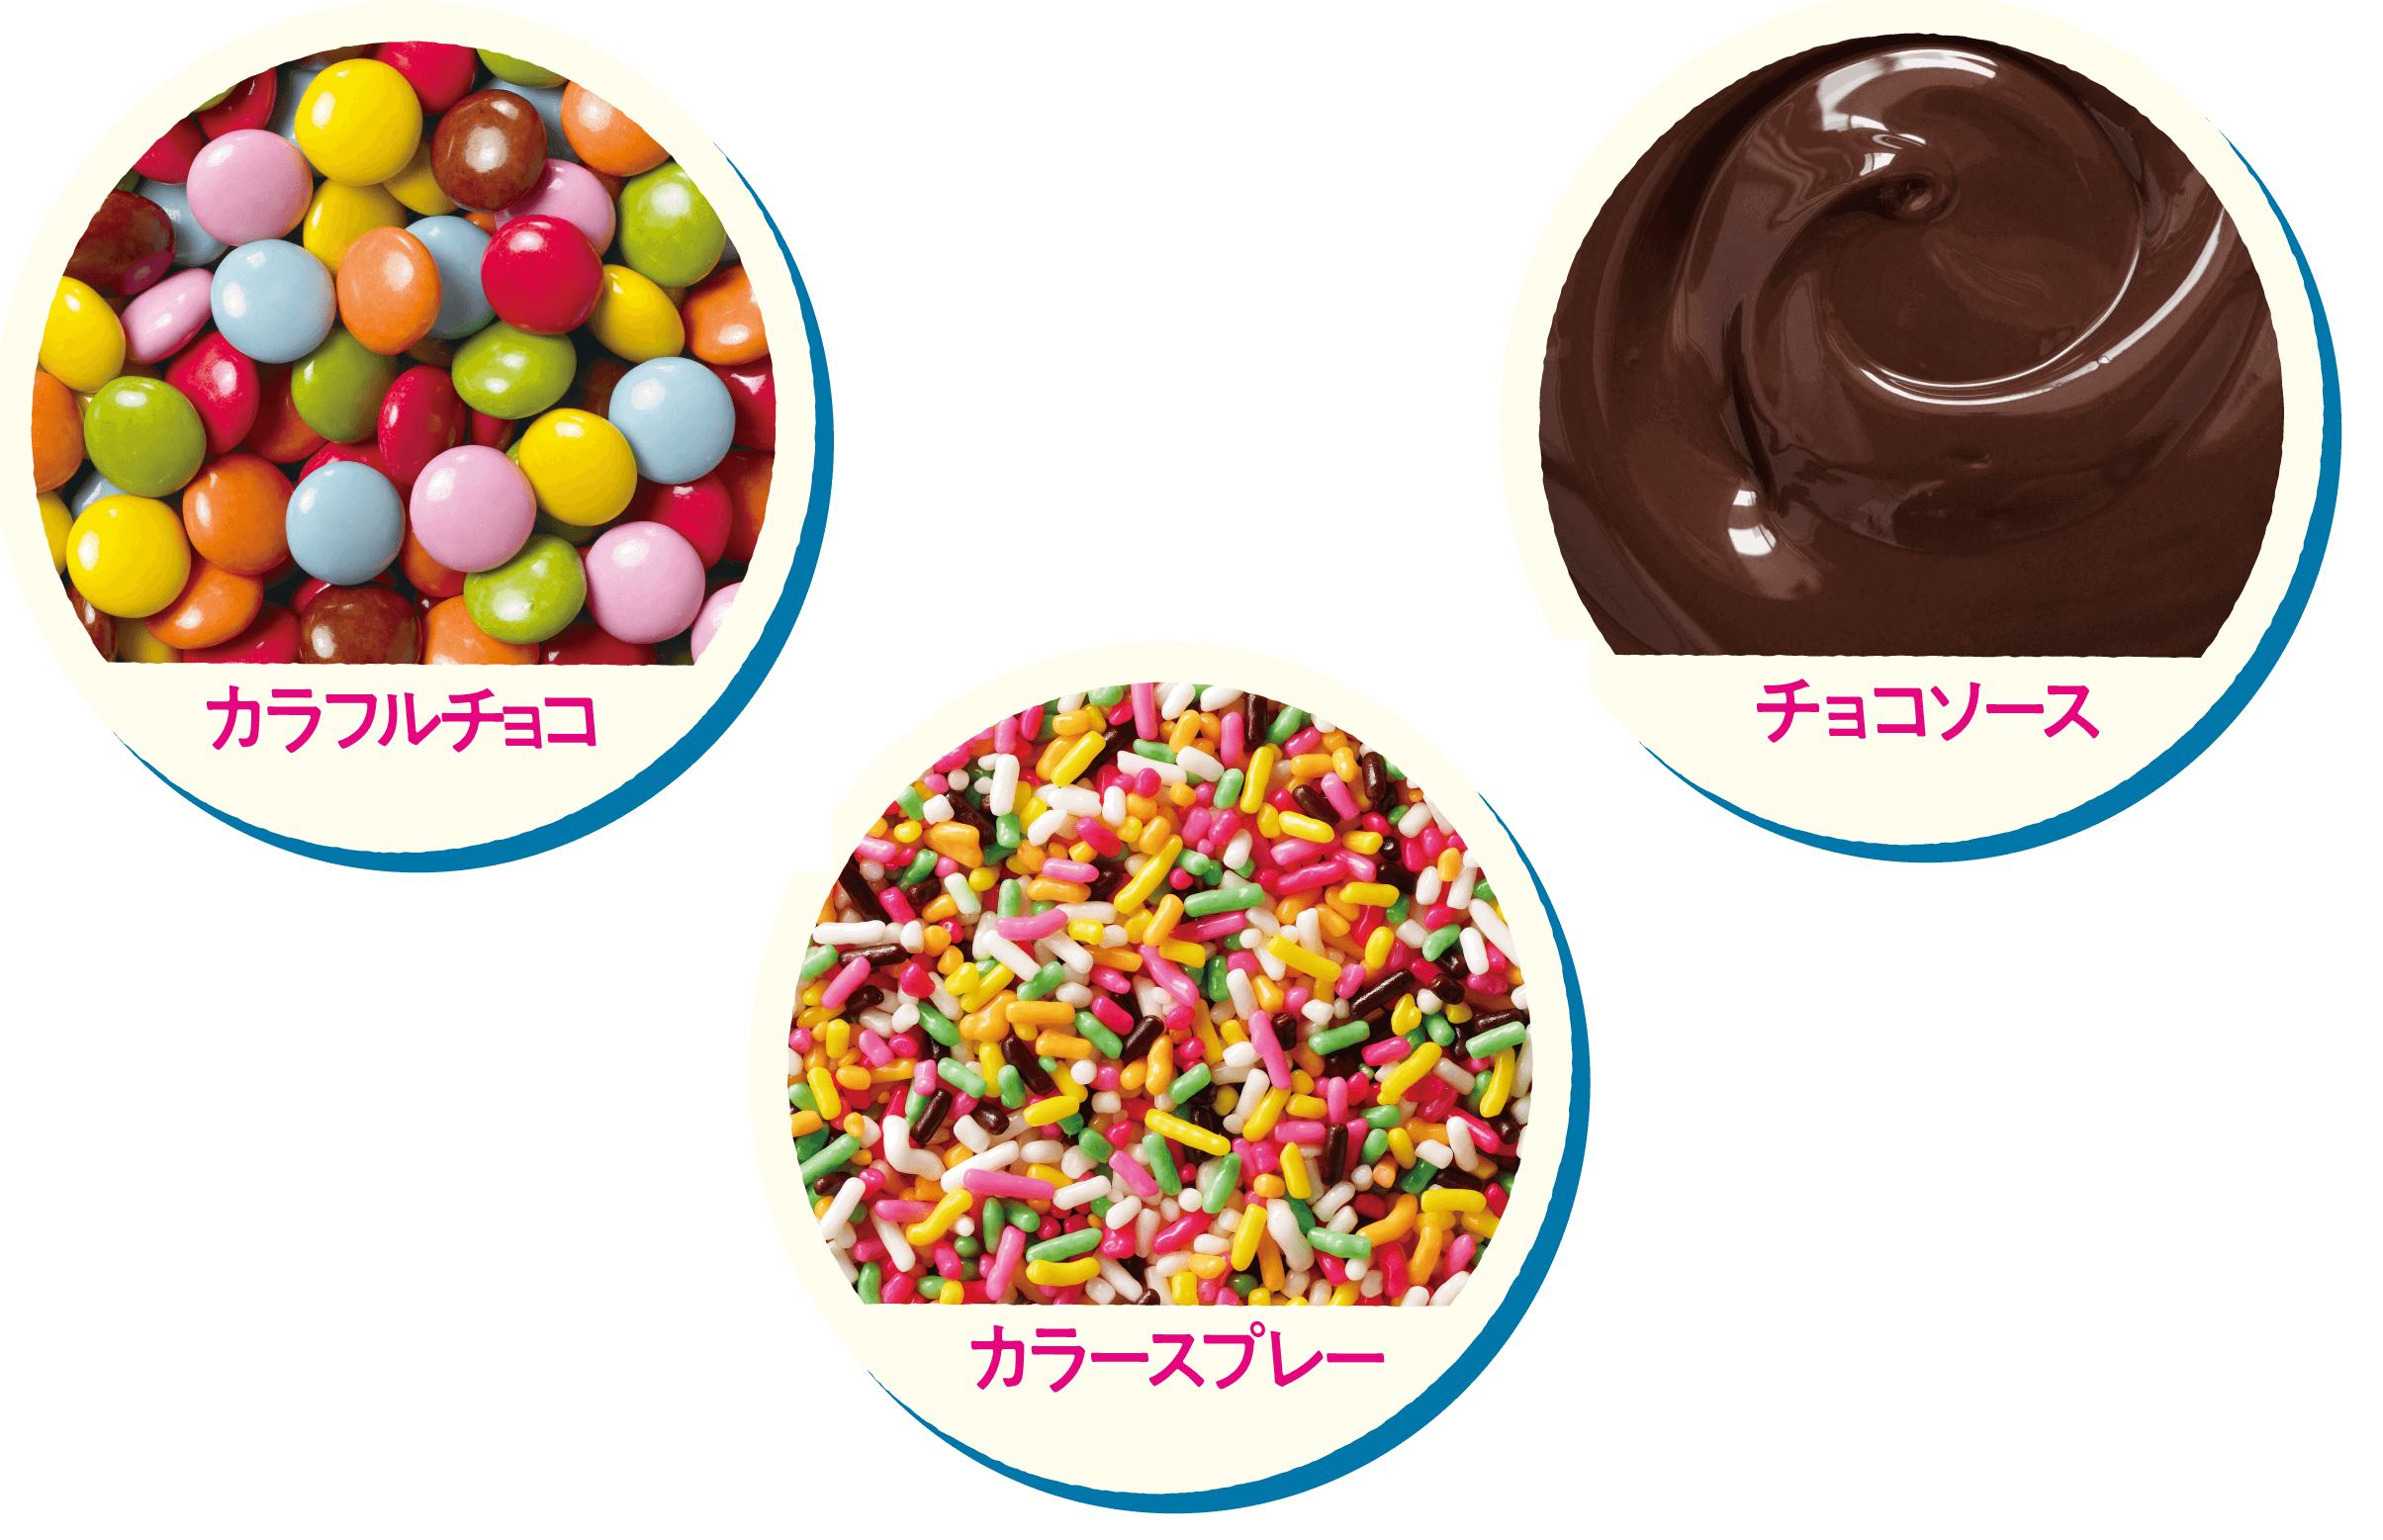 サーティワン アイスクリーム『サーティワン デコ キット』のトッピング